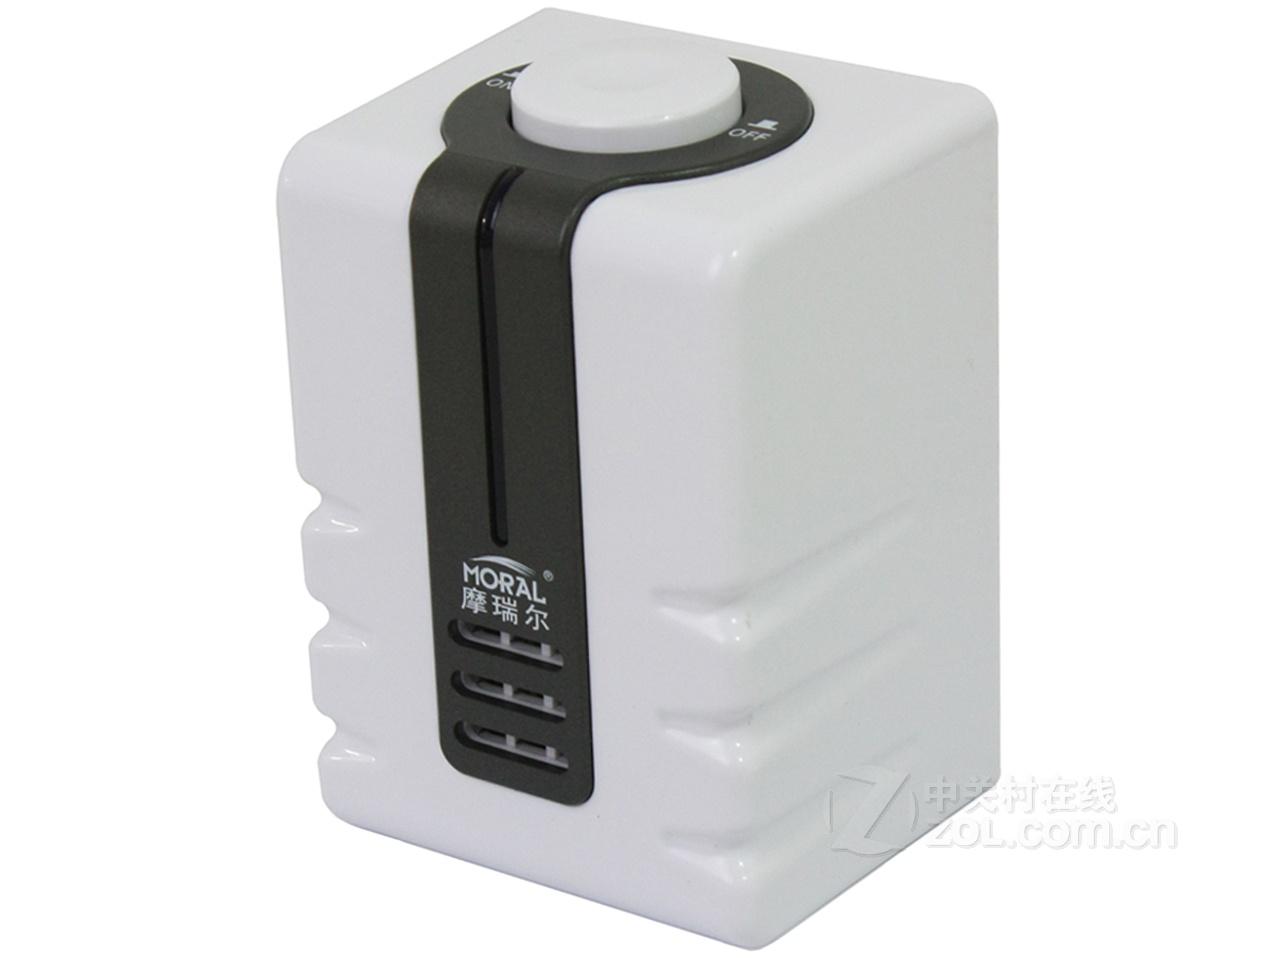 """仅售128元包邮!原价315元摩瑞尔M-Y50氧立方家用负离子空气净化器!个人工位、家庭必备用品!每个在北京的人都应人手一个!""""轻微污染""""是什么意思,您懂得!自我保护从净化空气开始"""